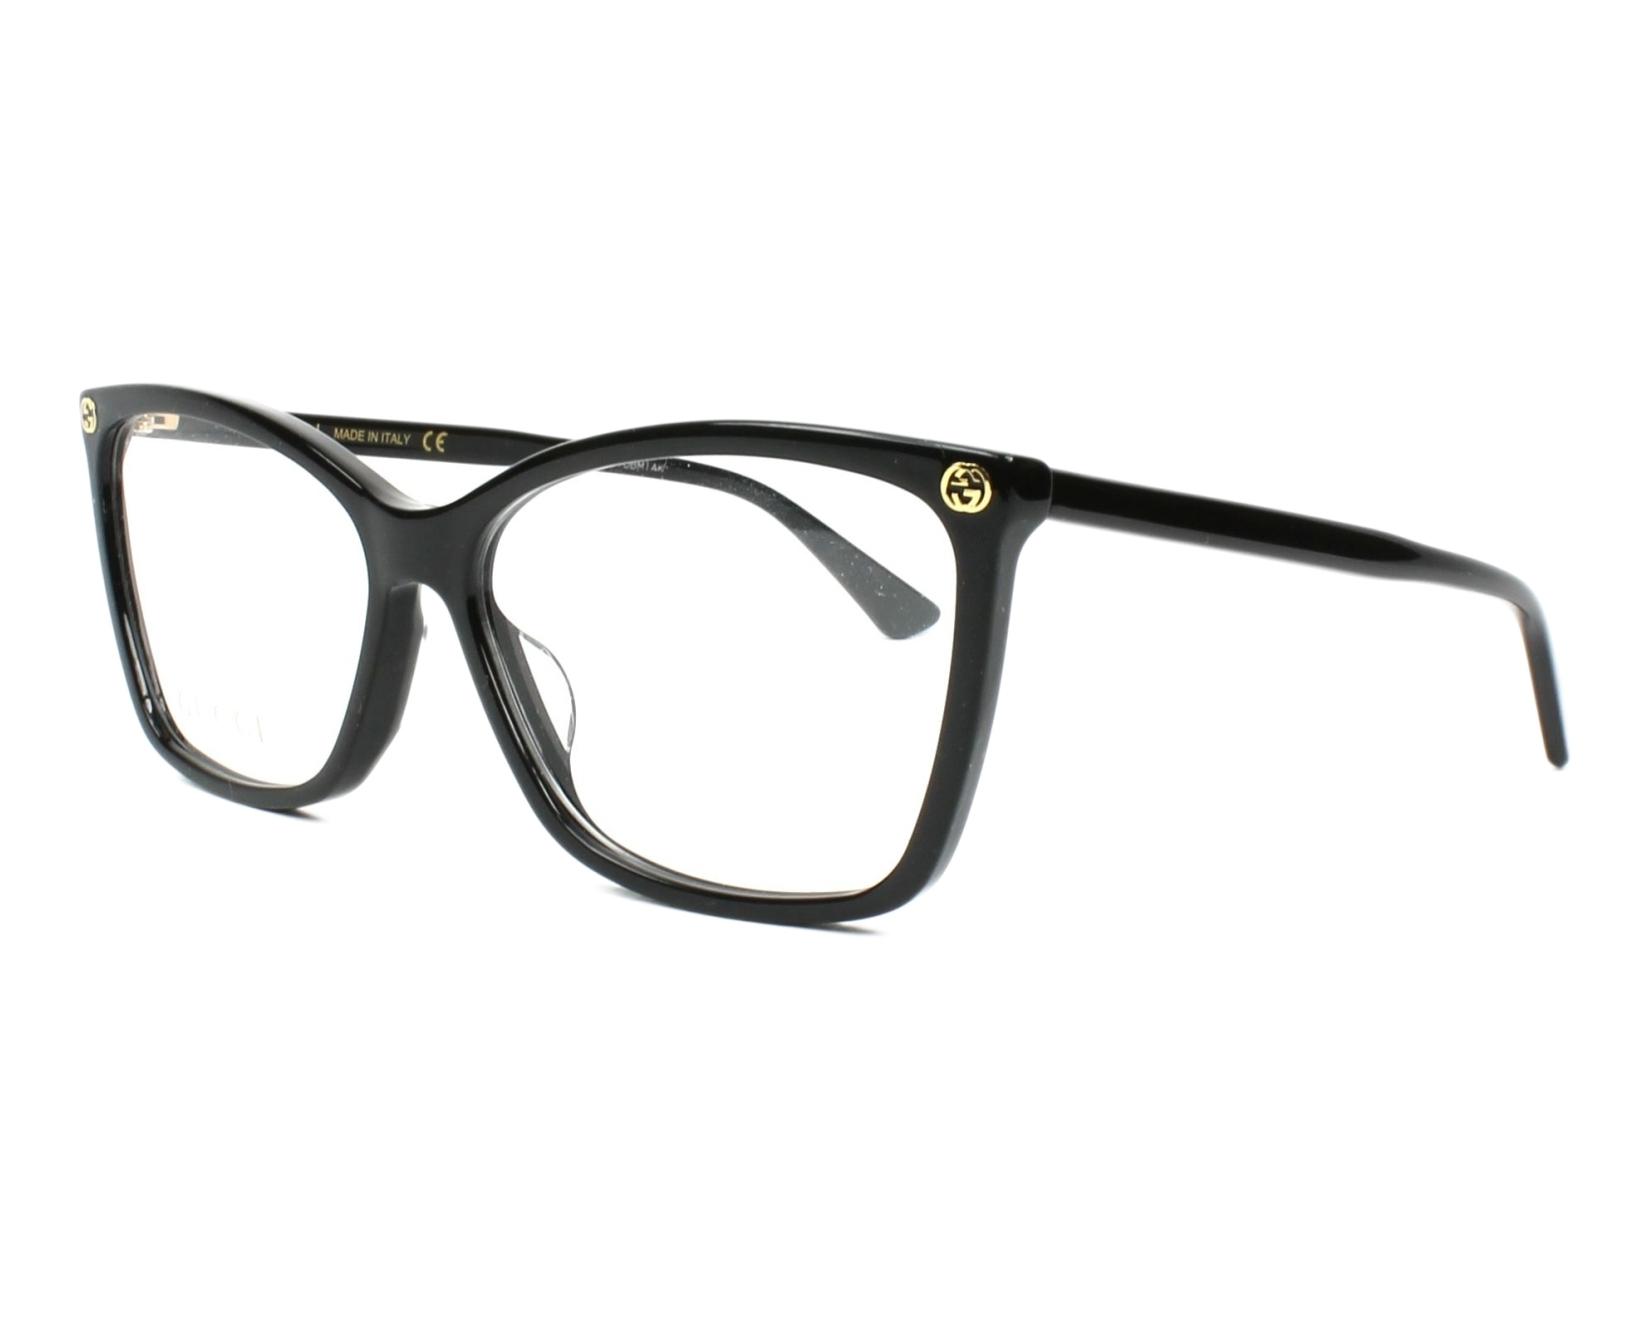 Gucci Eyeglasses GG-00250 001 Black   visio-net.com